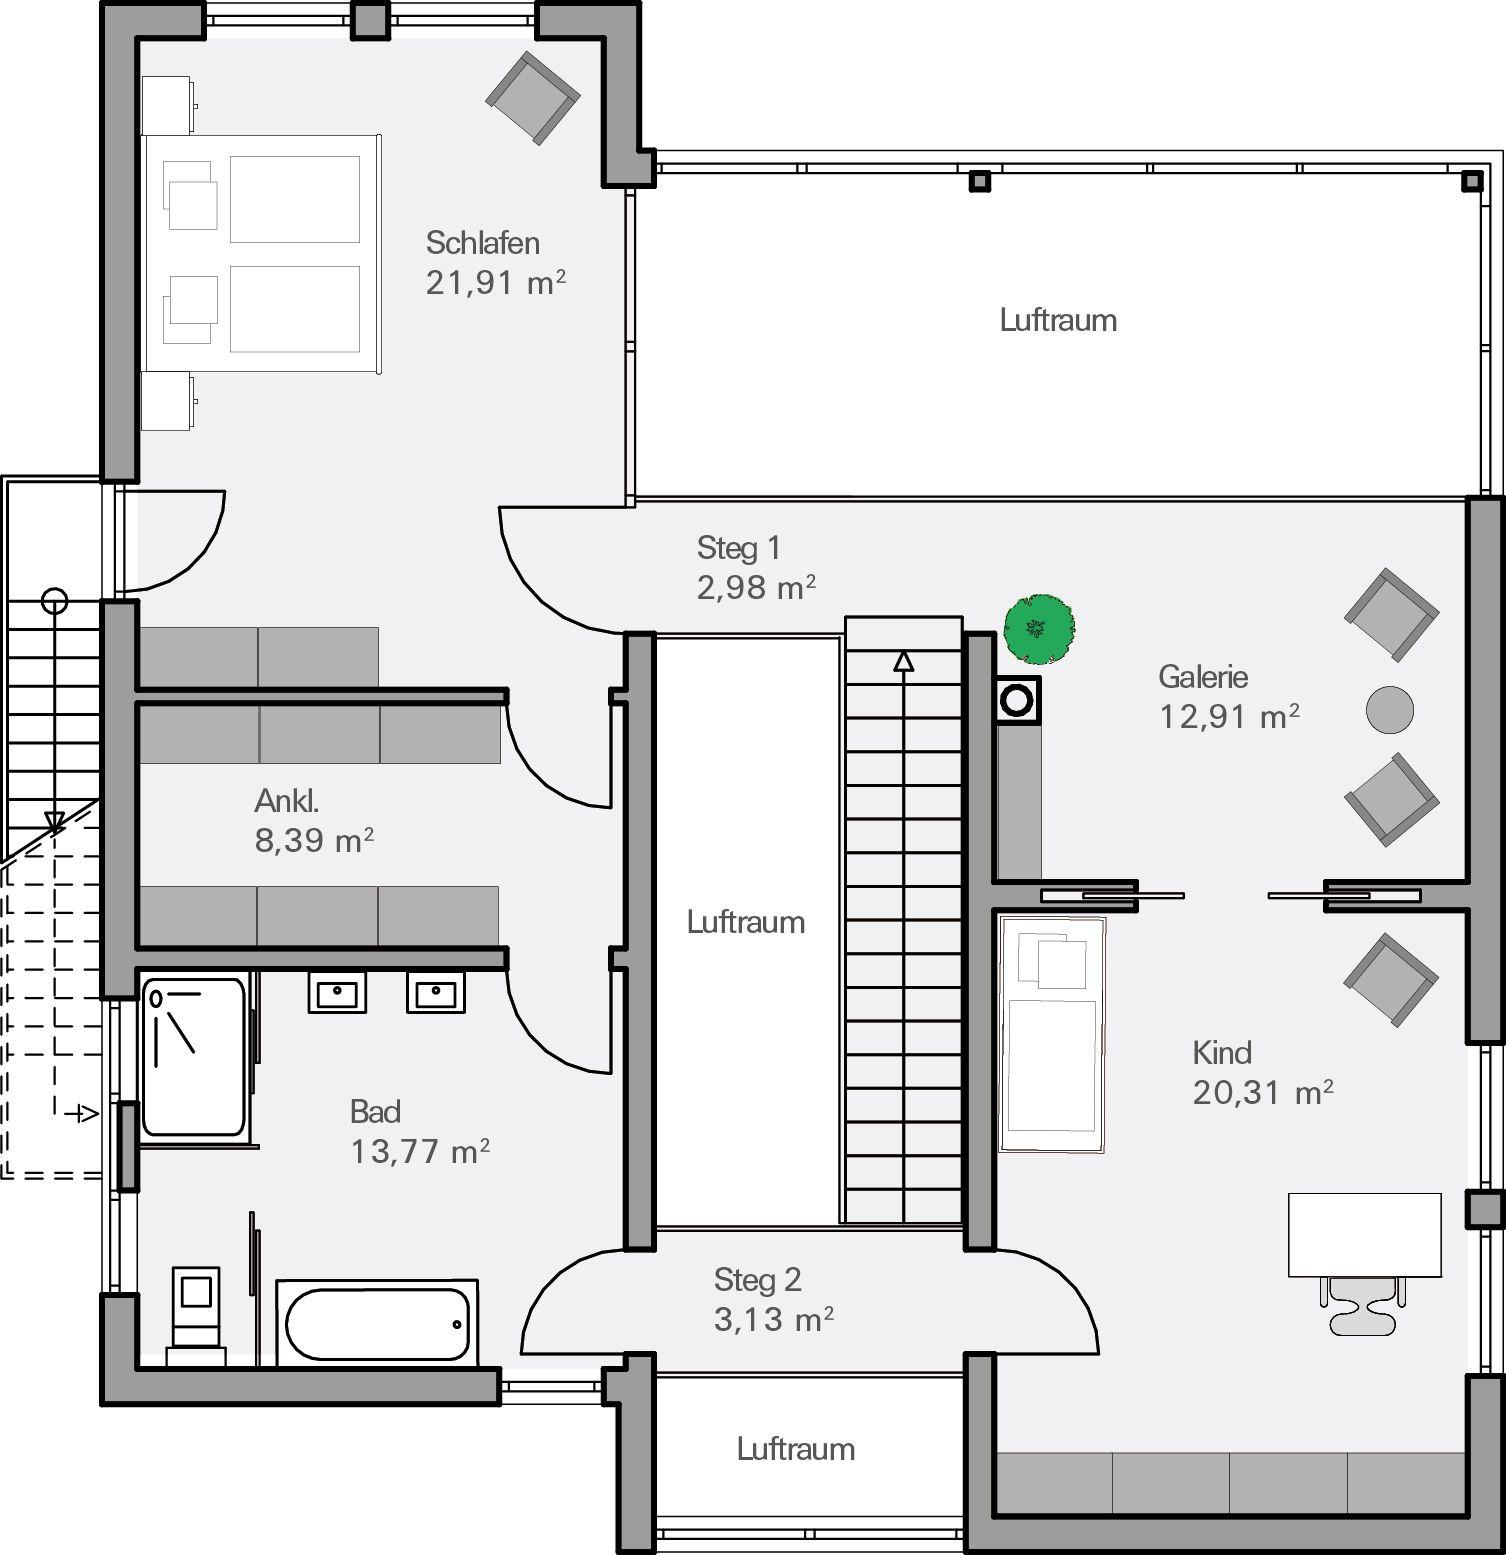 grundriss og jonas ein traum vom haus pinterest grundrisse architektur und hausbau grundriss. Black Bedroom Furniture Sets. Home Design Ideas